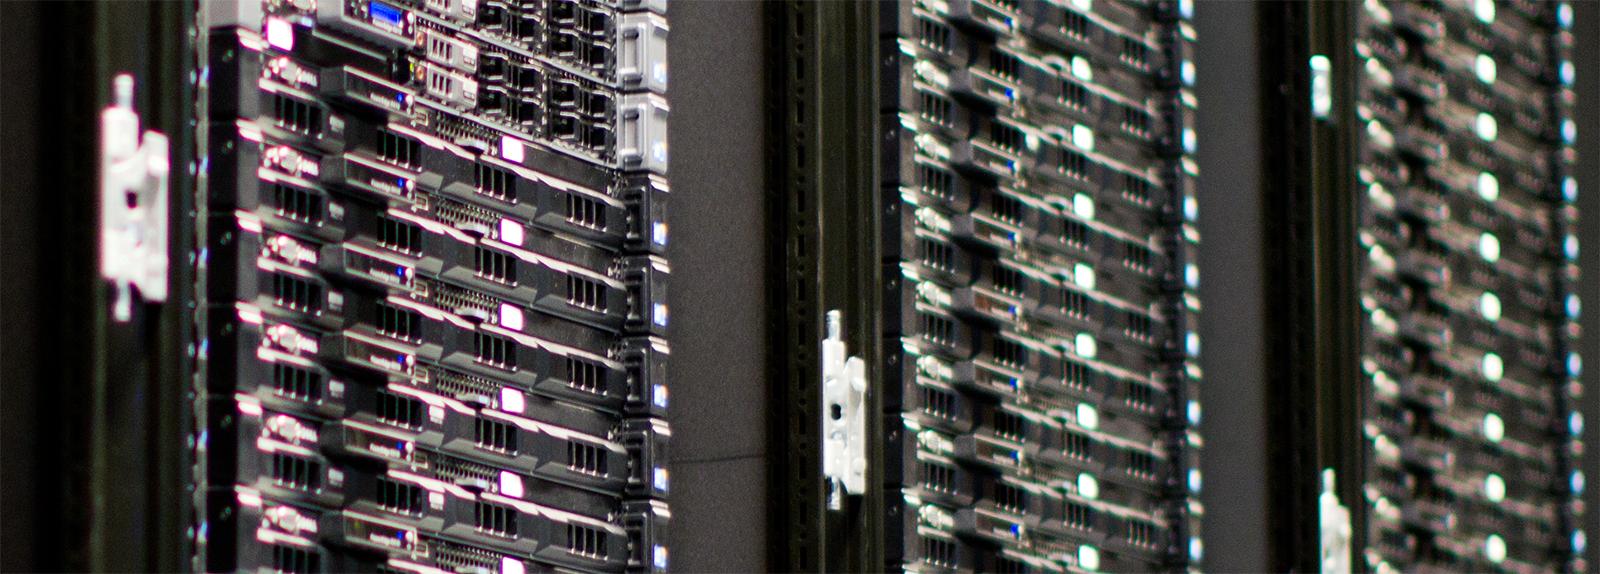 Servicio que provee a los usuarios de Internet un sistema para poder almacenar información.